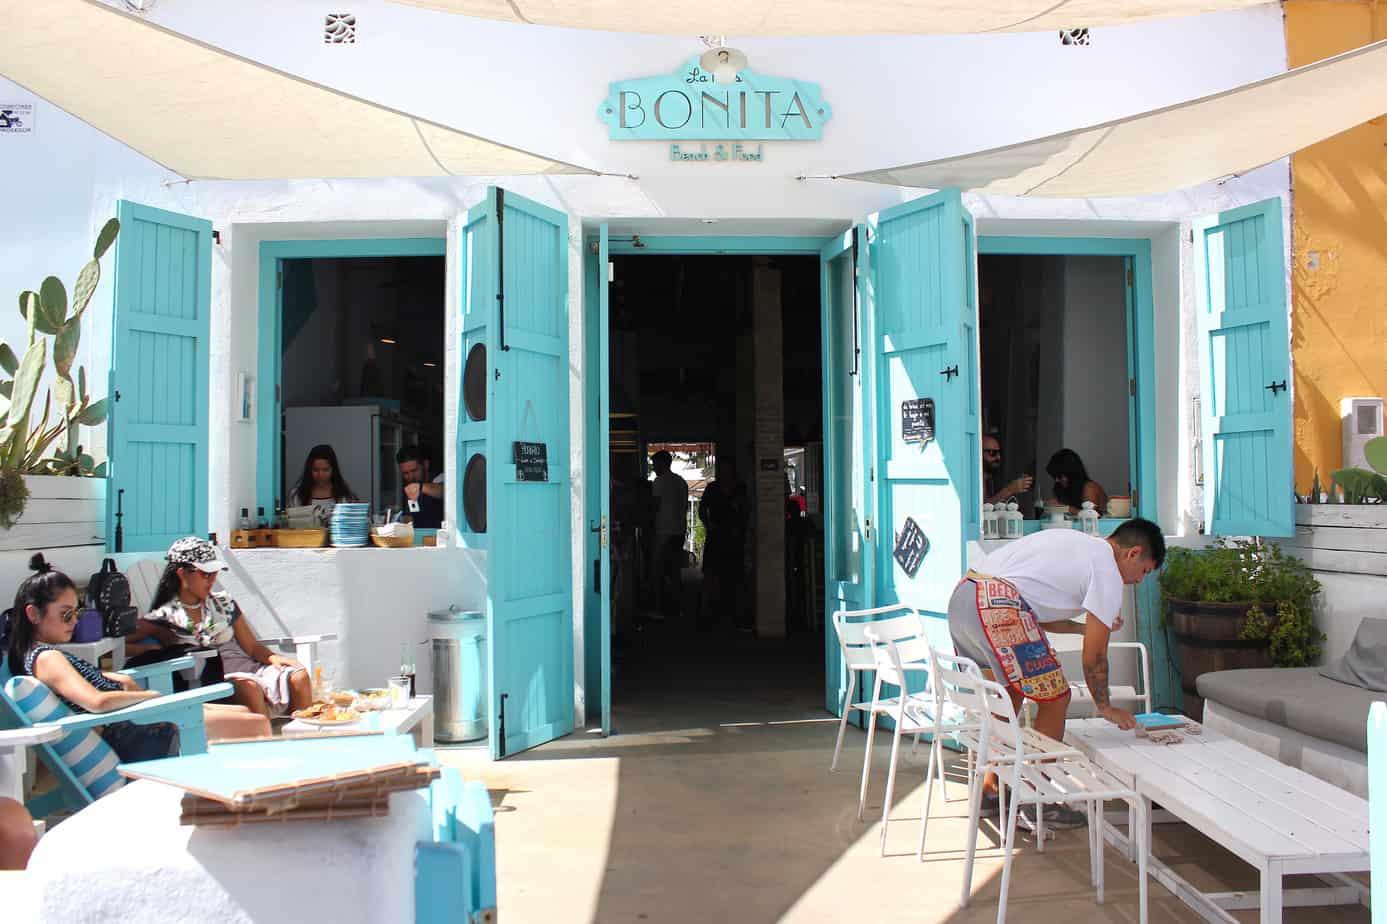 VALENCIA: LA MÁS BONITA   ENJOY! The Good Life